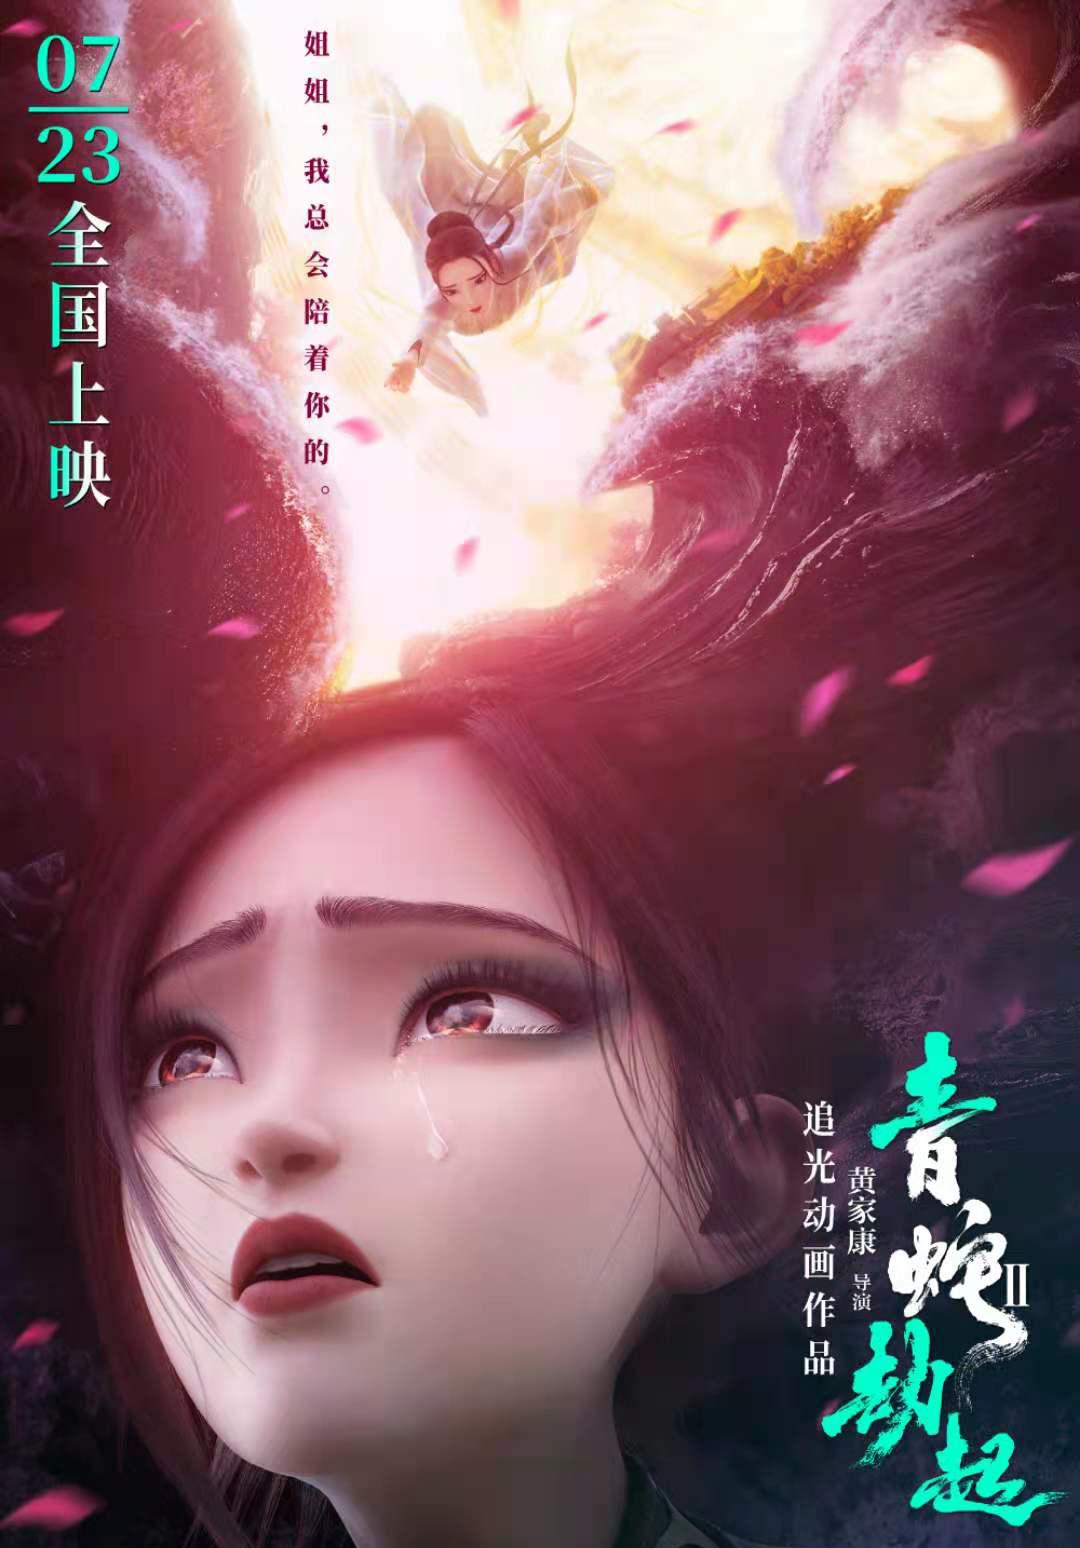 白蛇2青蛇劫起》北京首映,赵雅芝本尊出席,雷峰塔被她推倒